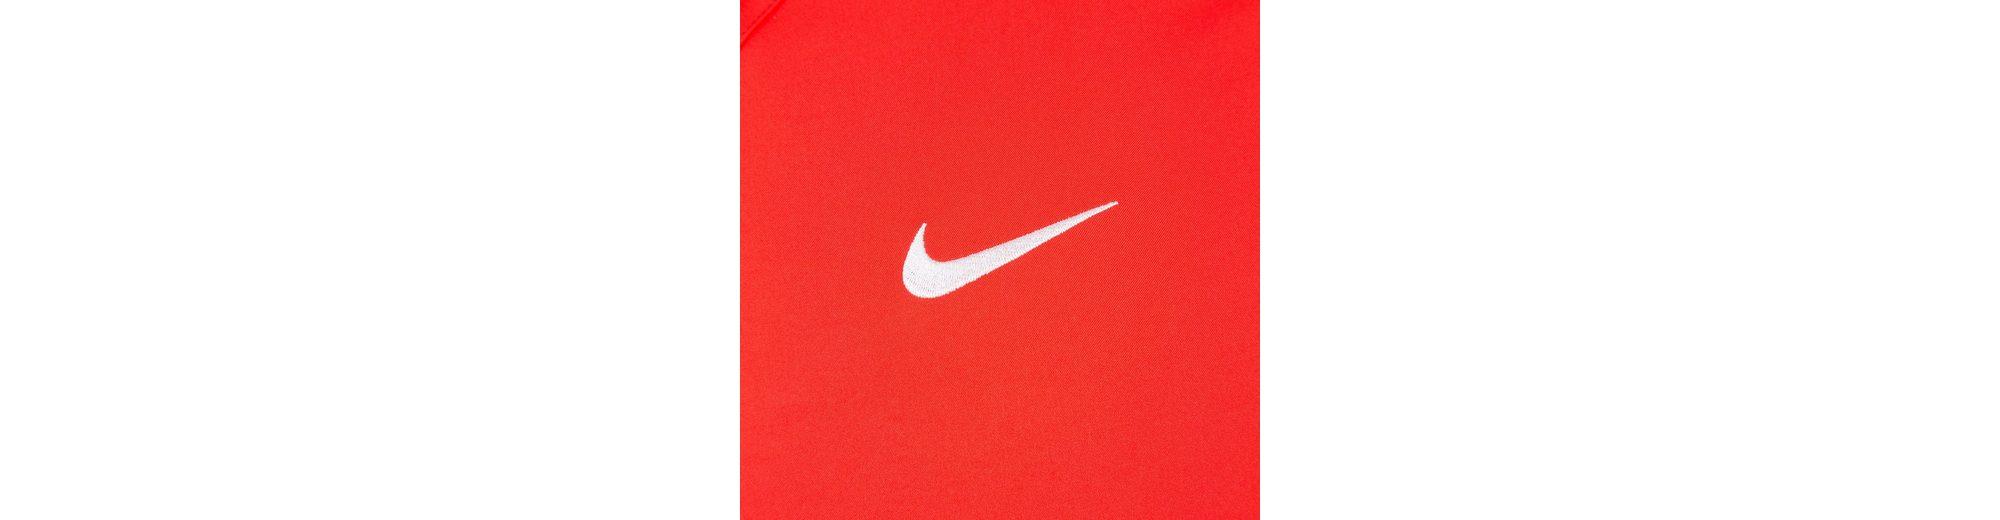 Nike Squad 15 Sideline Präsentationsjacke Herren Für Schönen Günstigen Preis Freies Verschiffen Truhe Finish Auslasszwischenraum Standorten fg96RYpjI